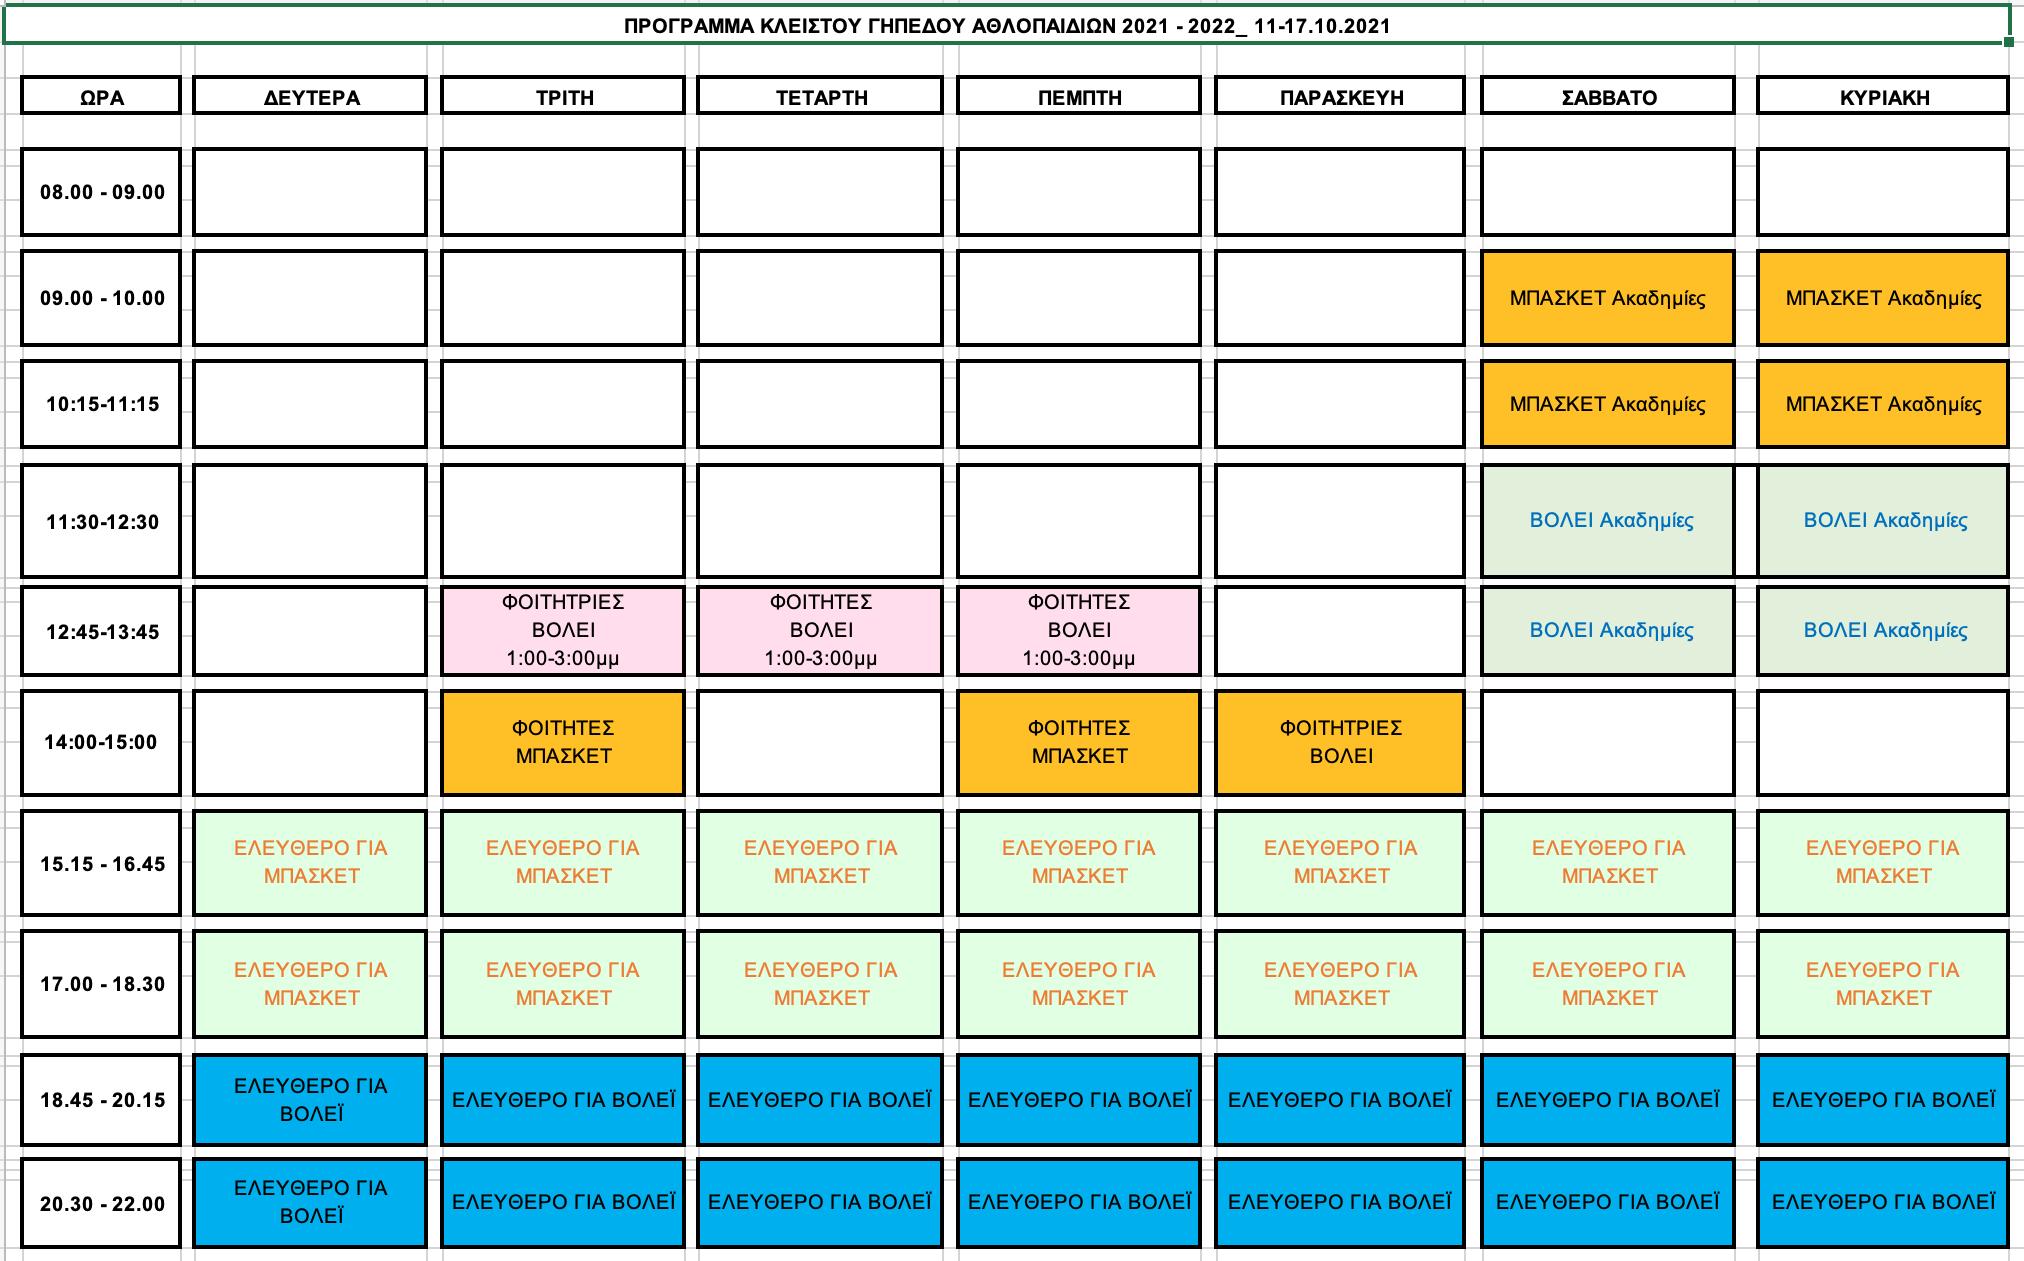 Πρόγραμμα-χρήσης-κλειστού-γηπέδου_11-17.10.2021